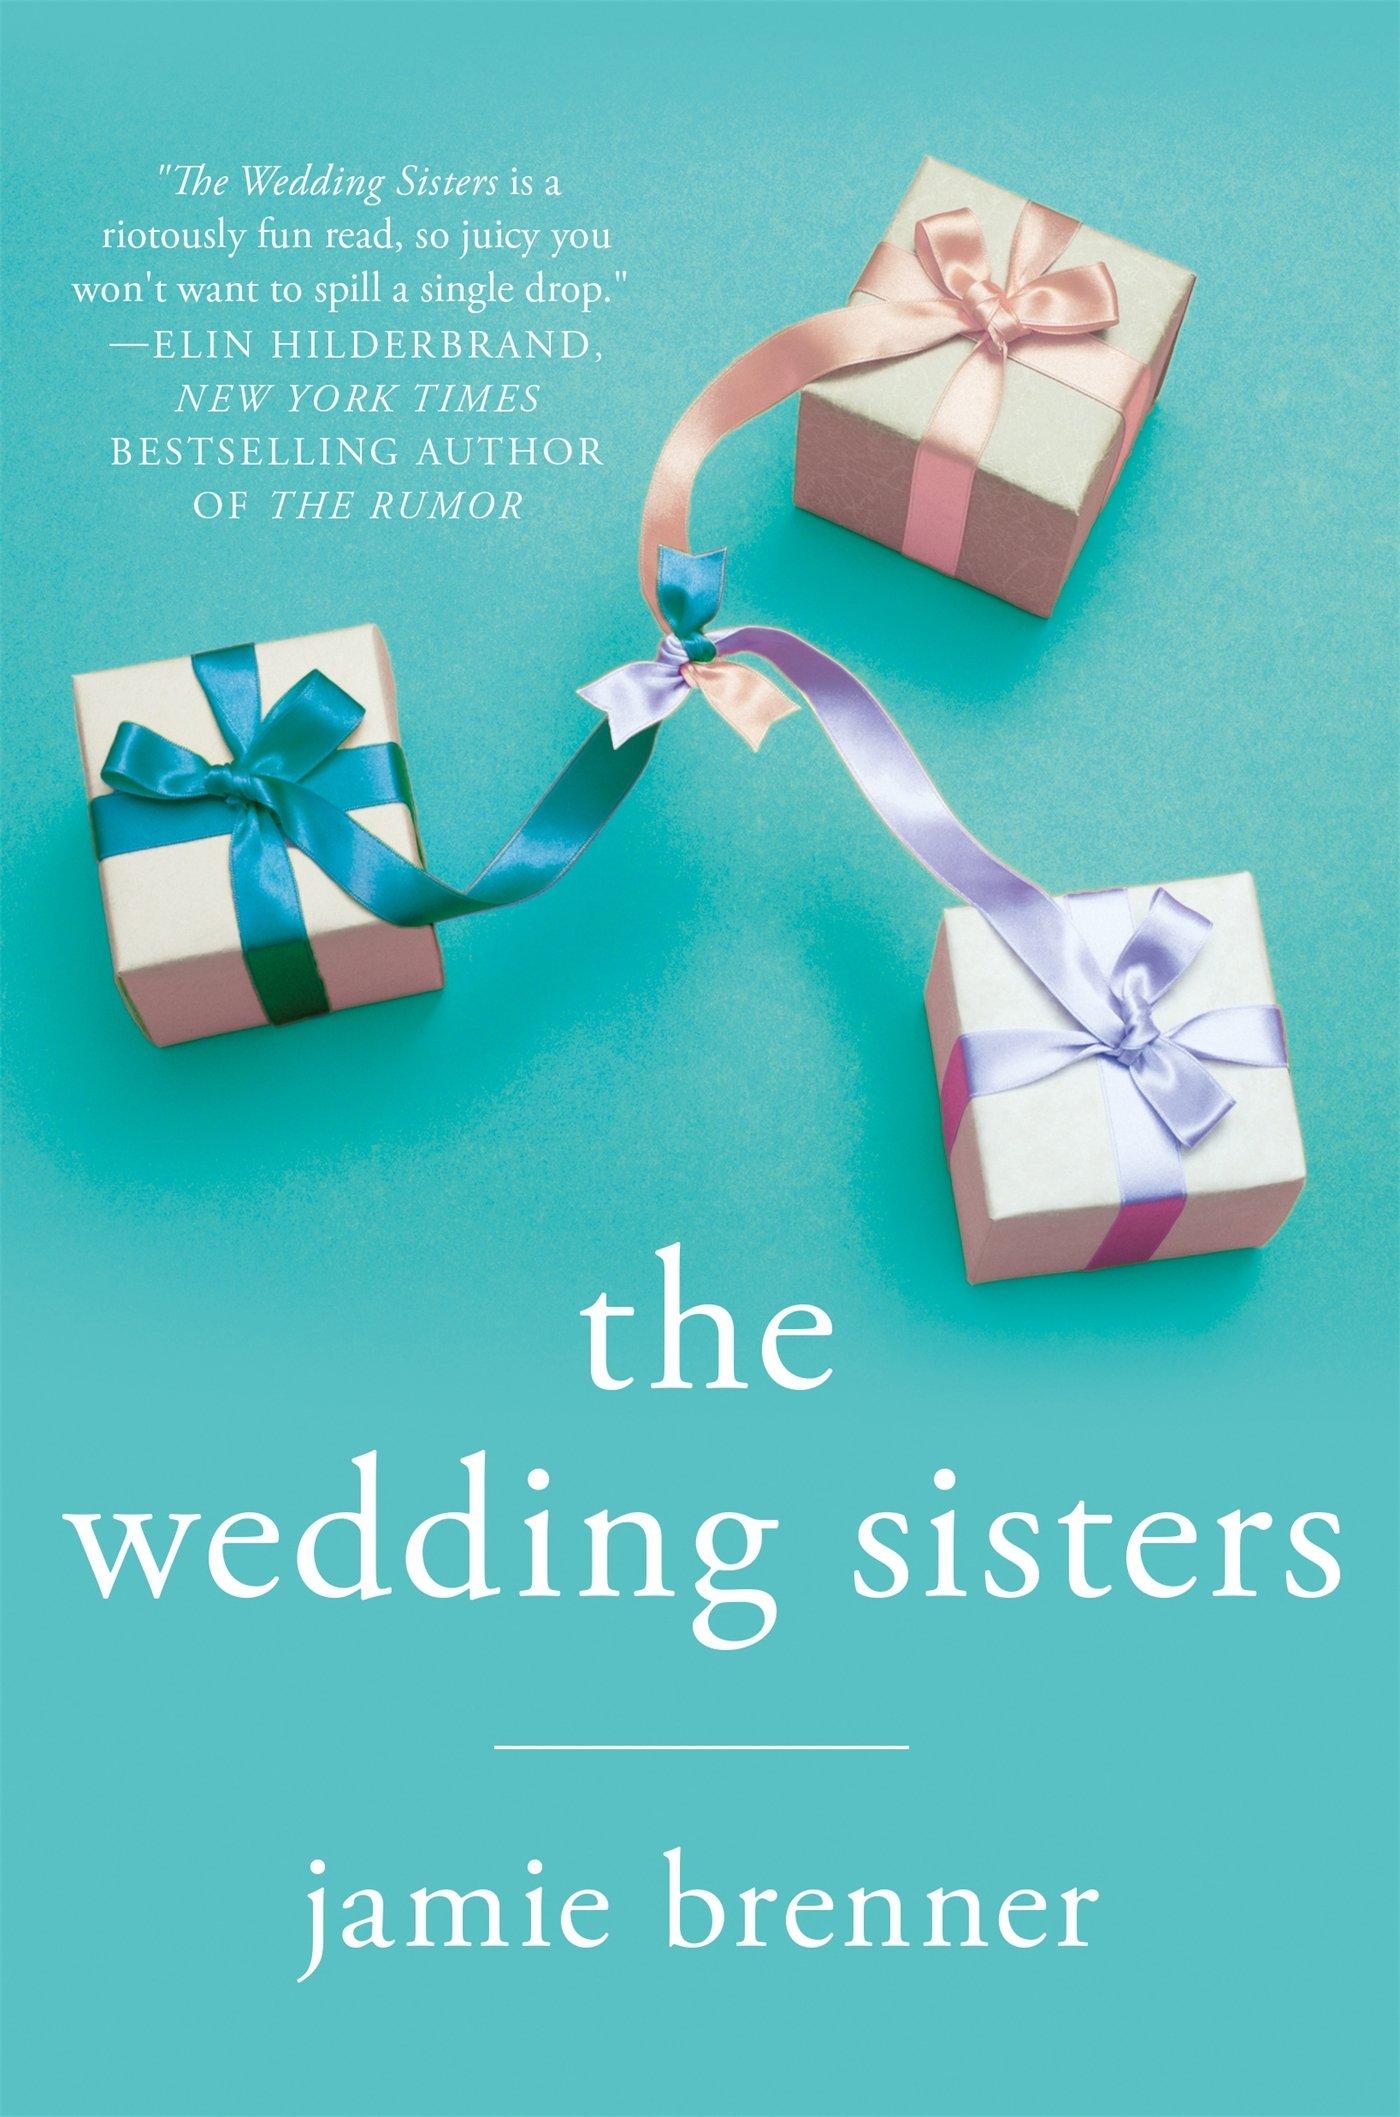 The Wedding Sisters Jamie Brenner